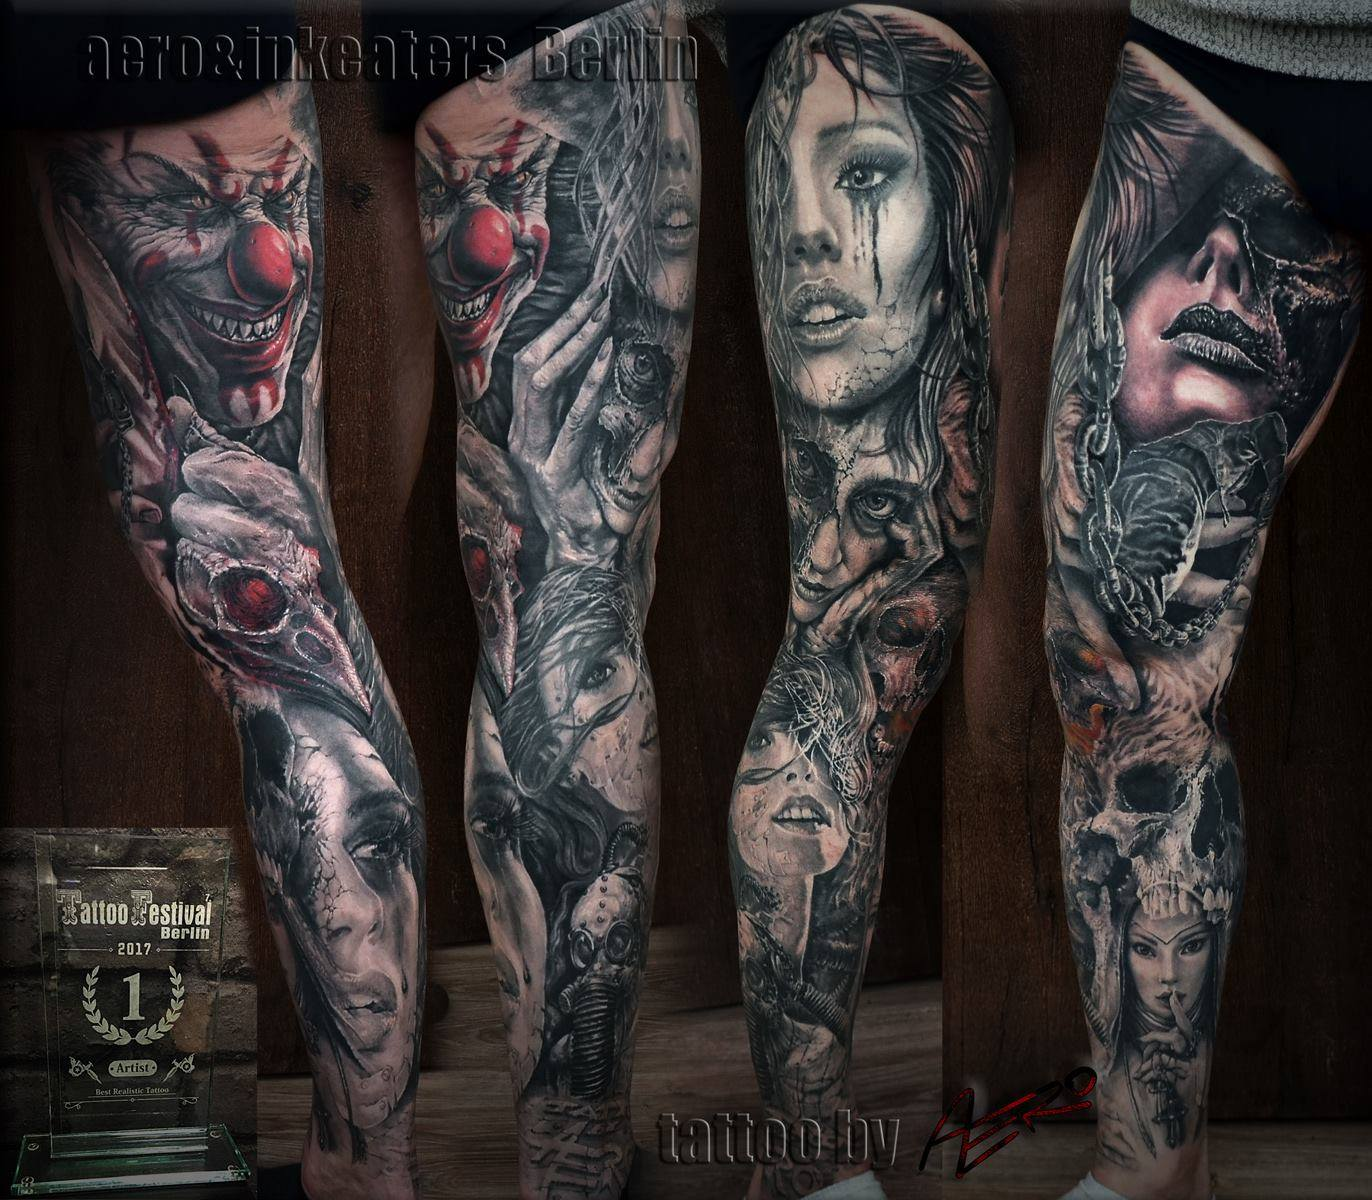 Tattoo von verschieden Gesichtern über das ganze Bein.